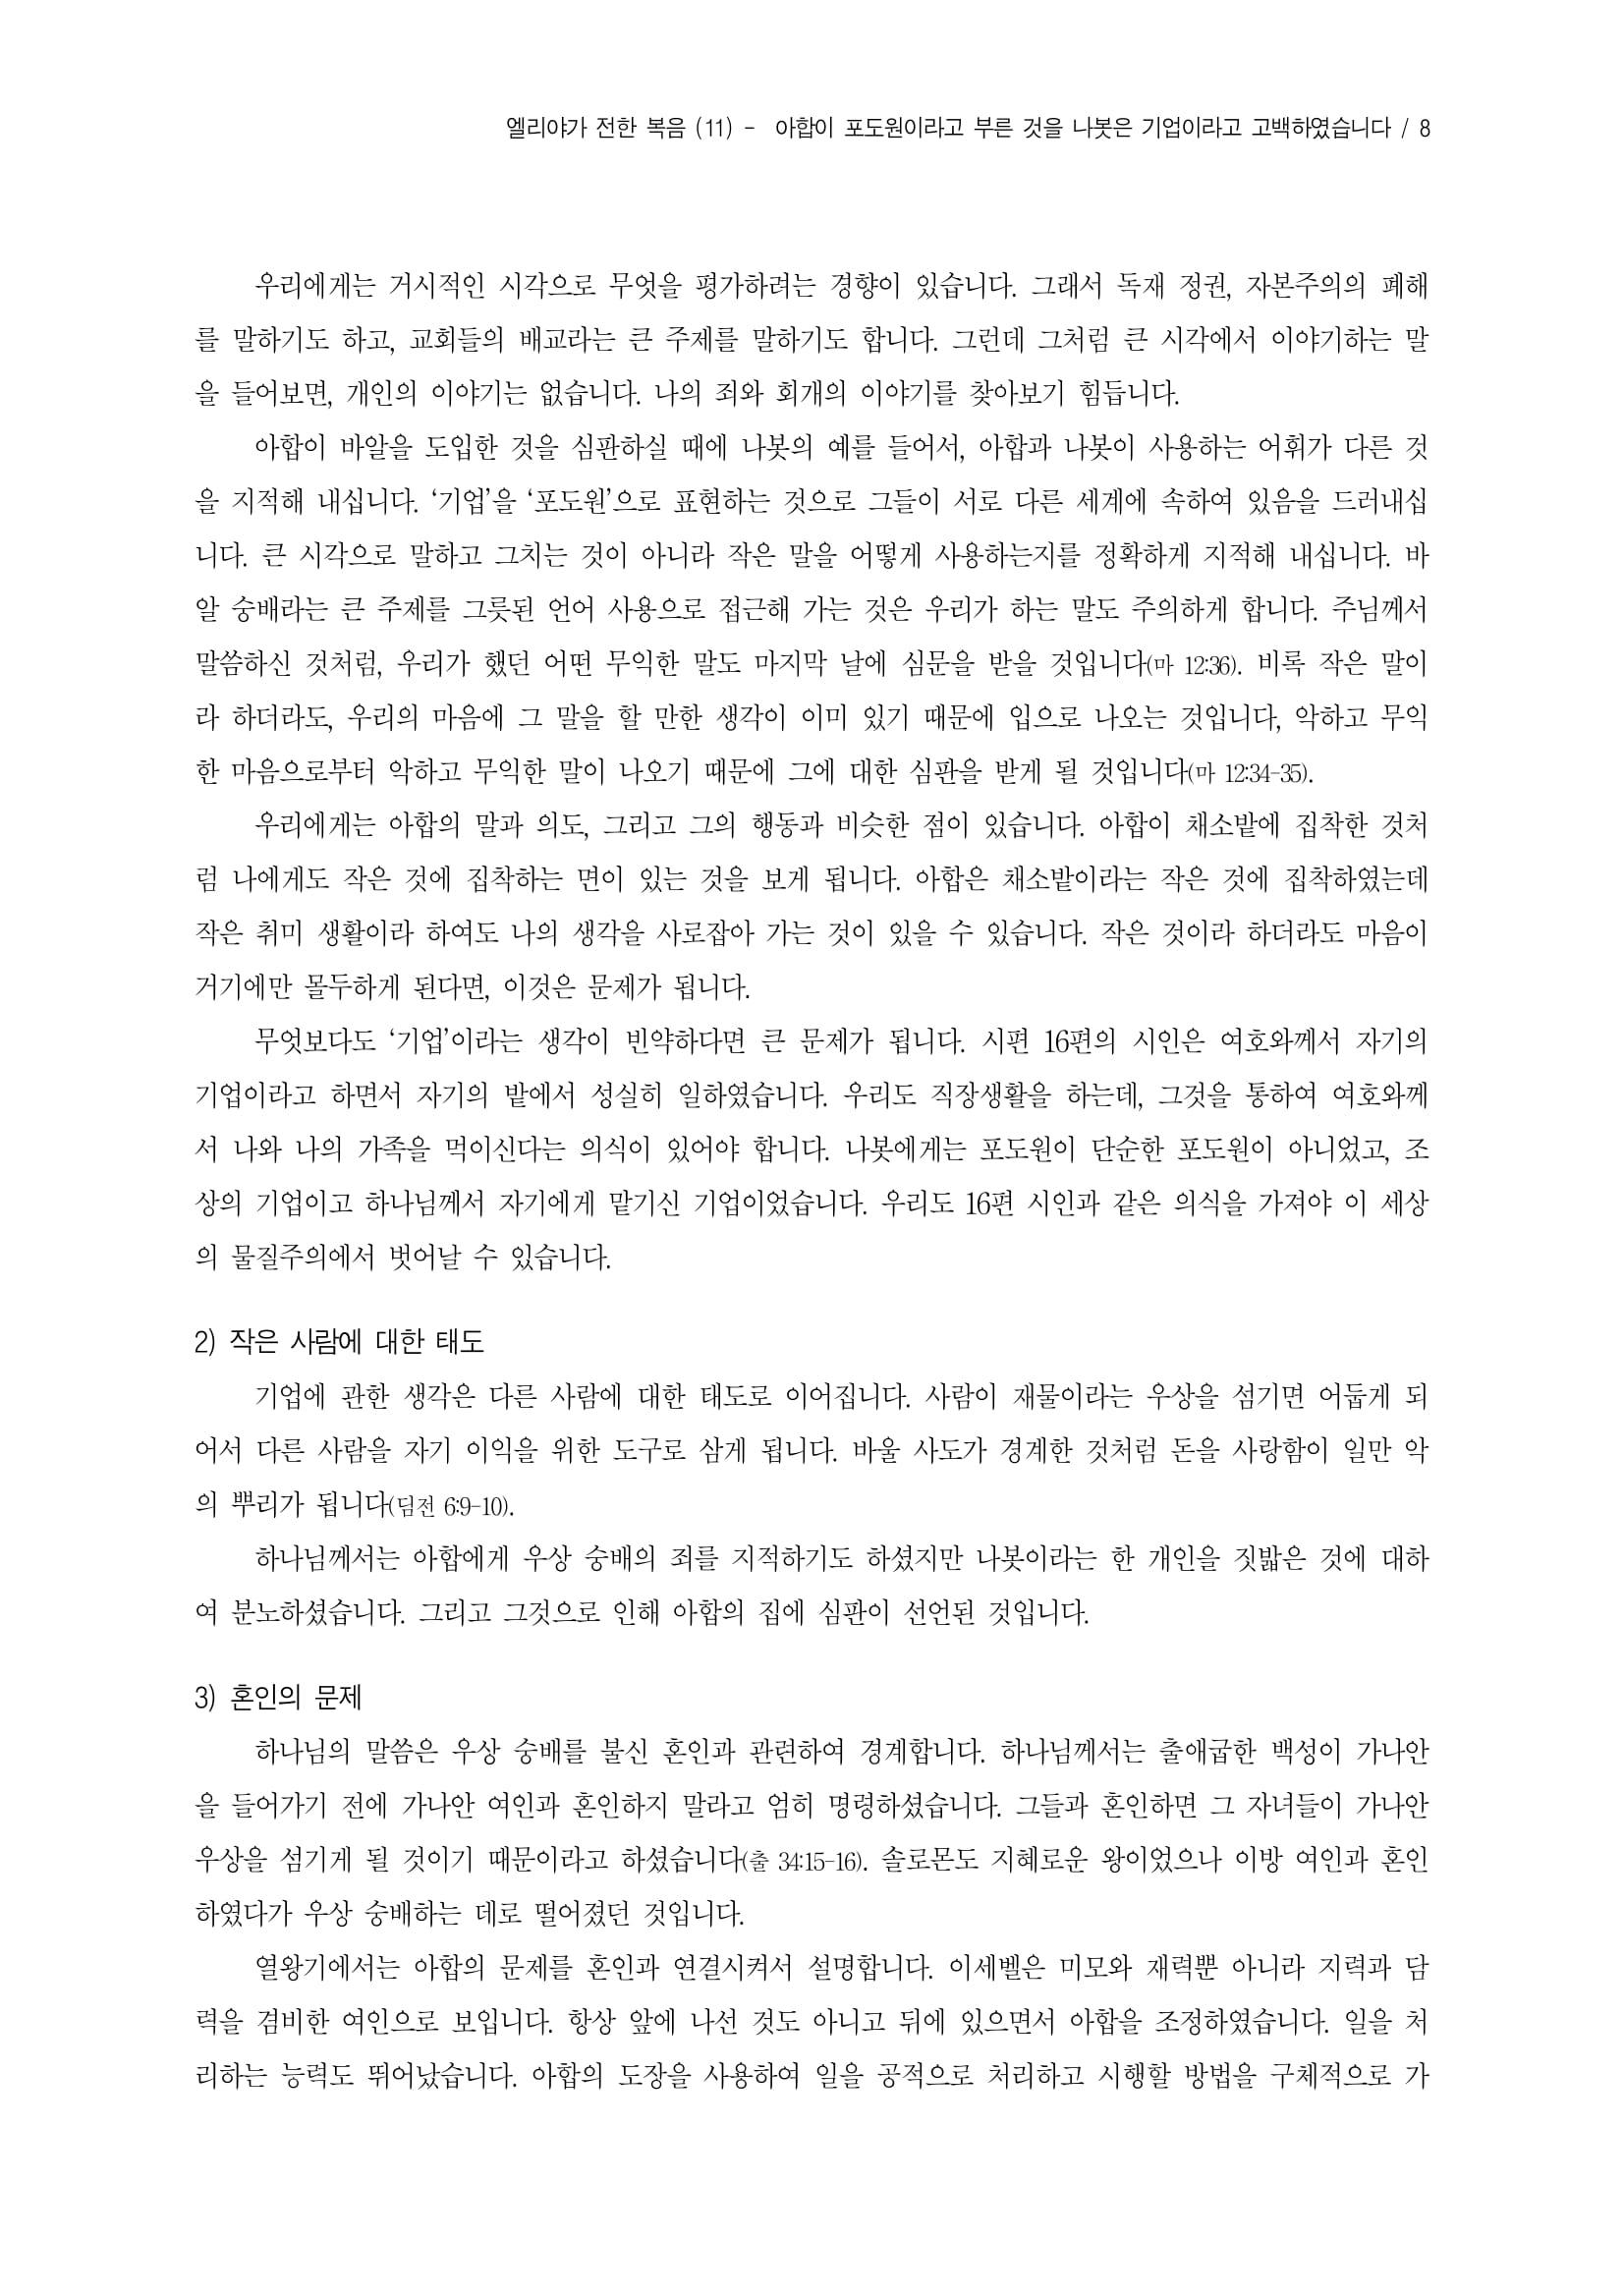 엘리야(11)_나봇의 기업과 아합의 포도원-왕상21장-8.jpg